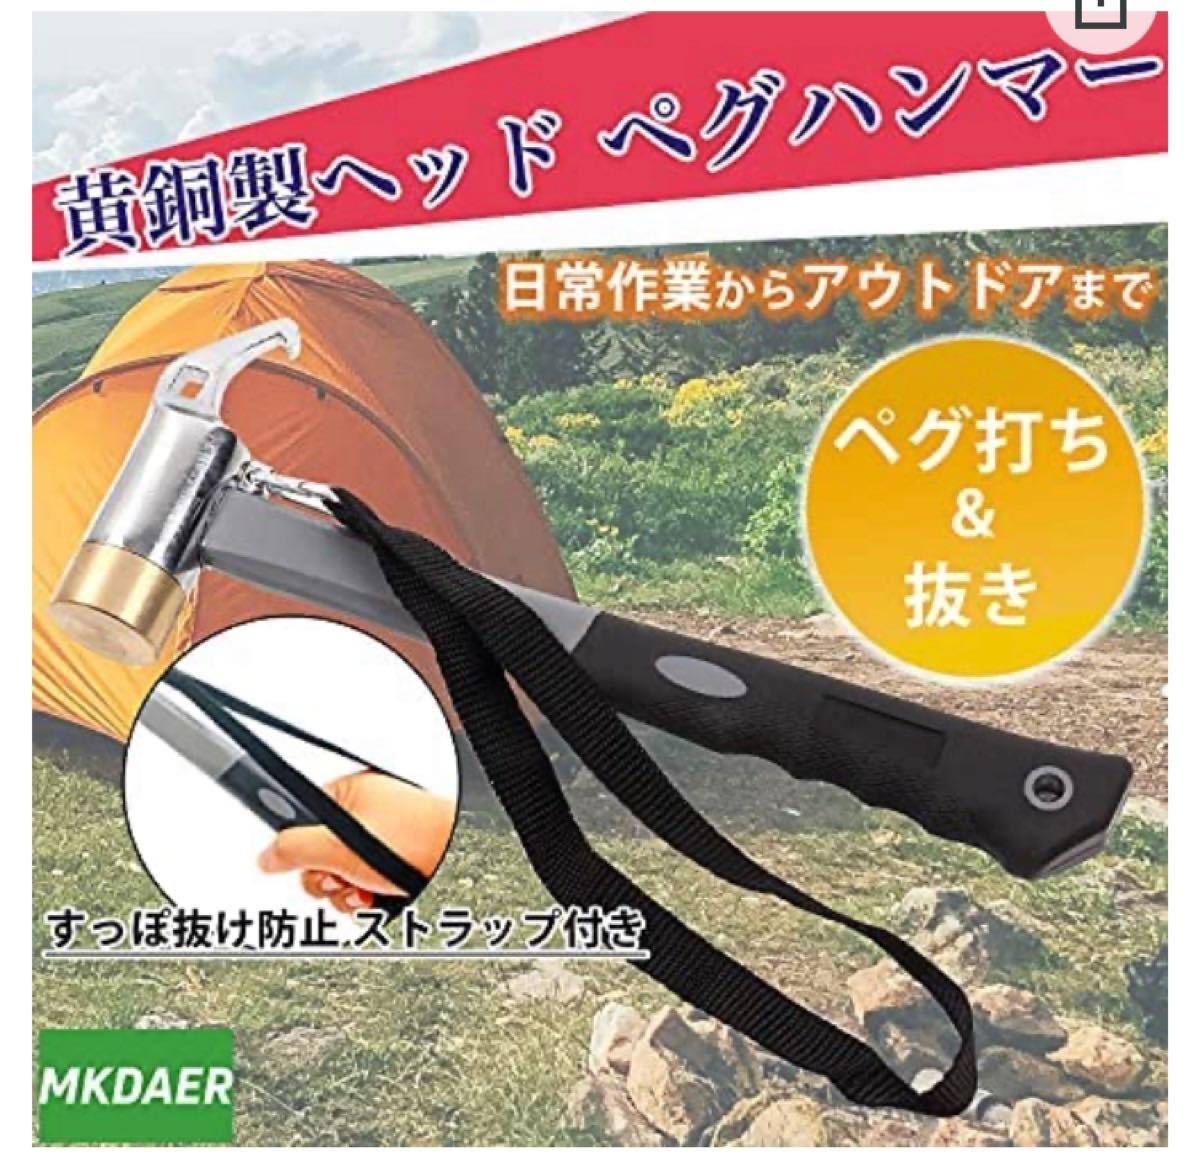 ペグハンマー テントハンマー 真鍮製 安全 ペグ打ち テント アウトドア 登山